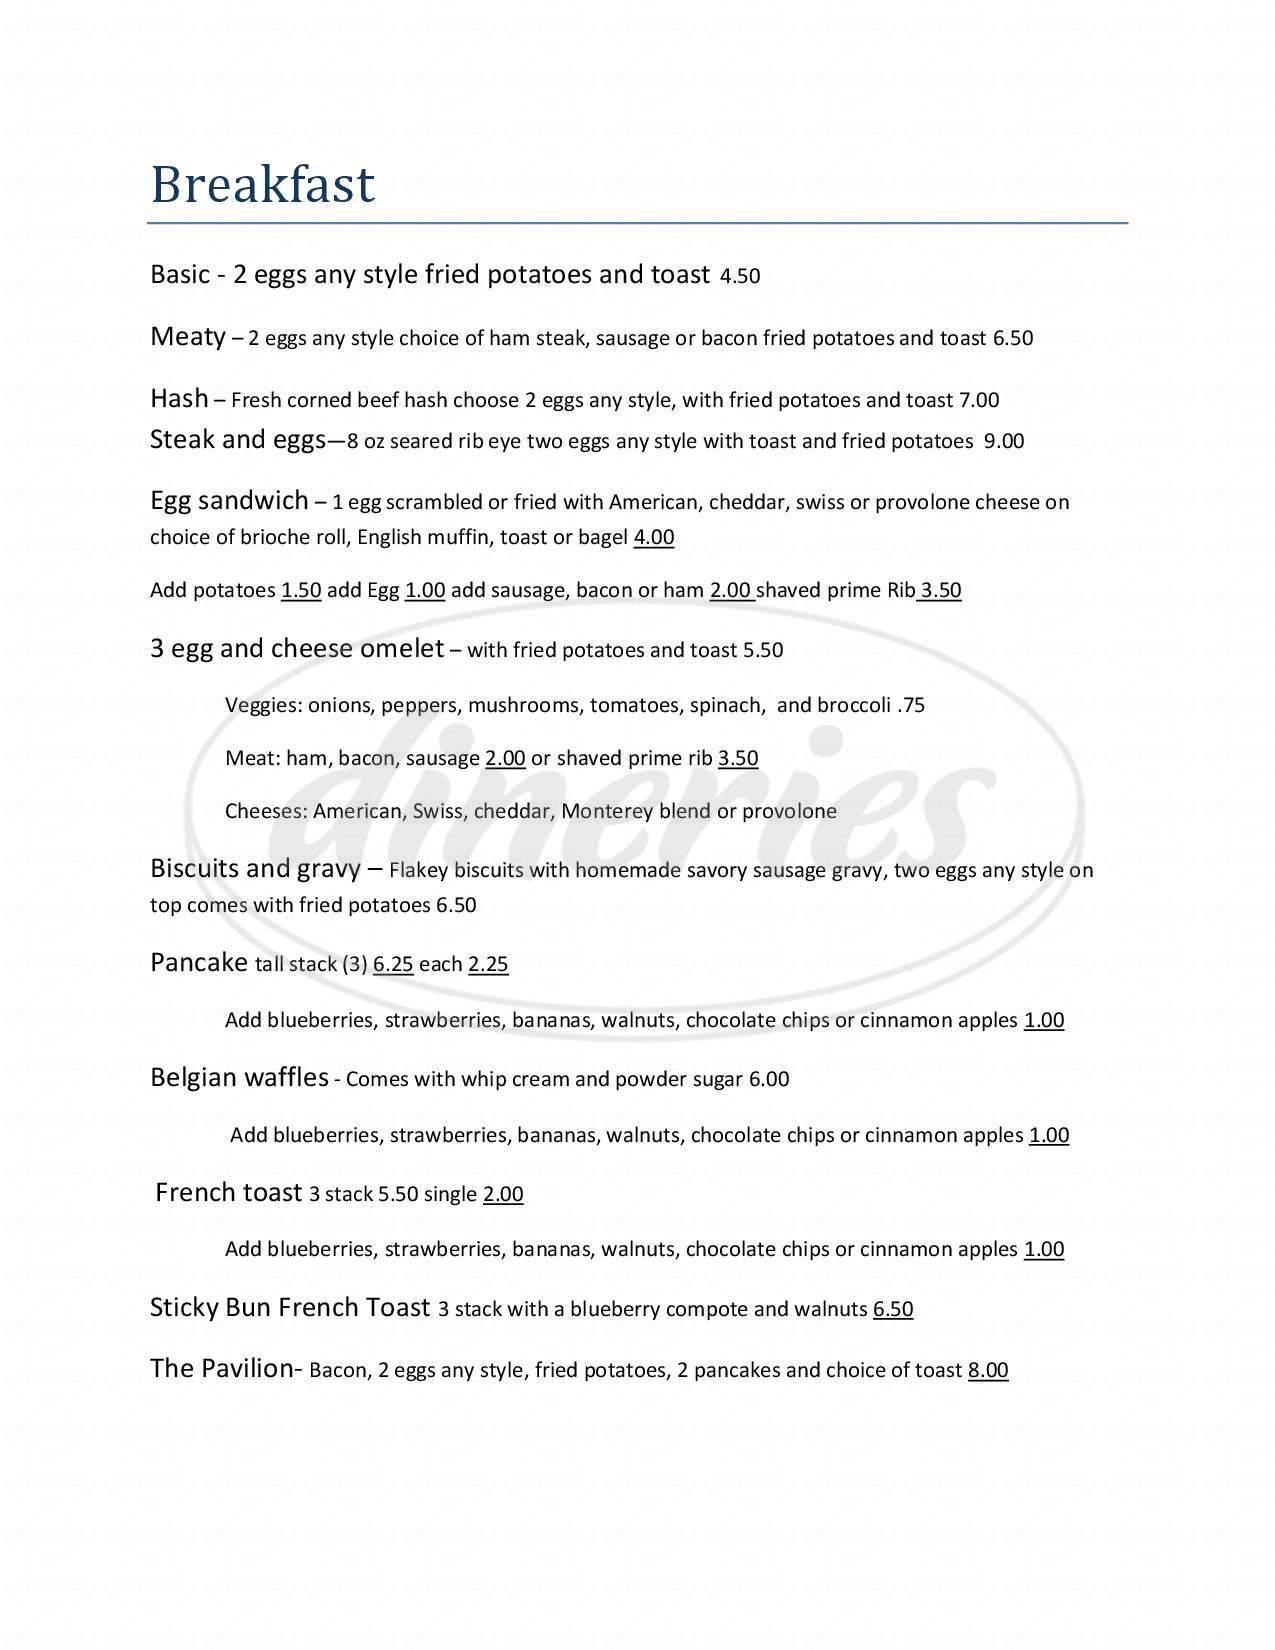 menu for Pavilion Steakhouse & Banquets